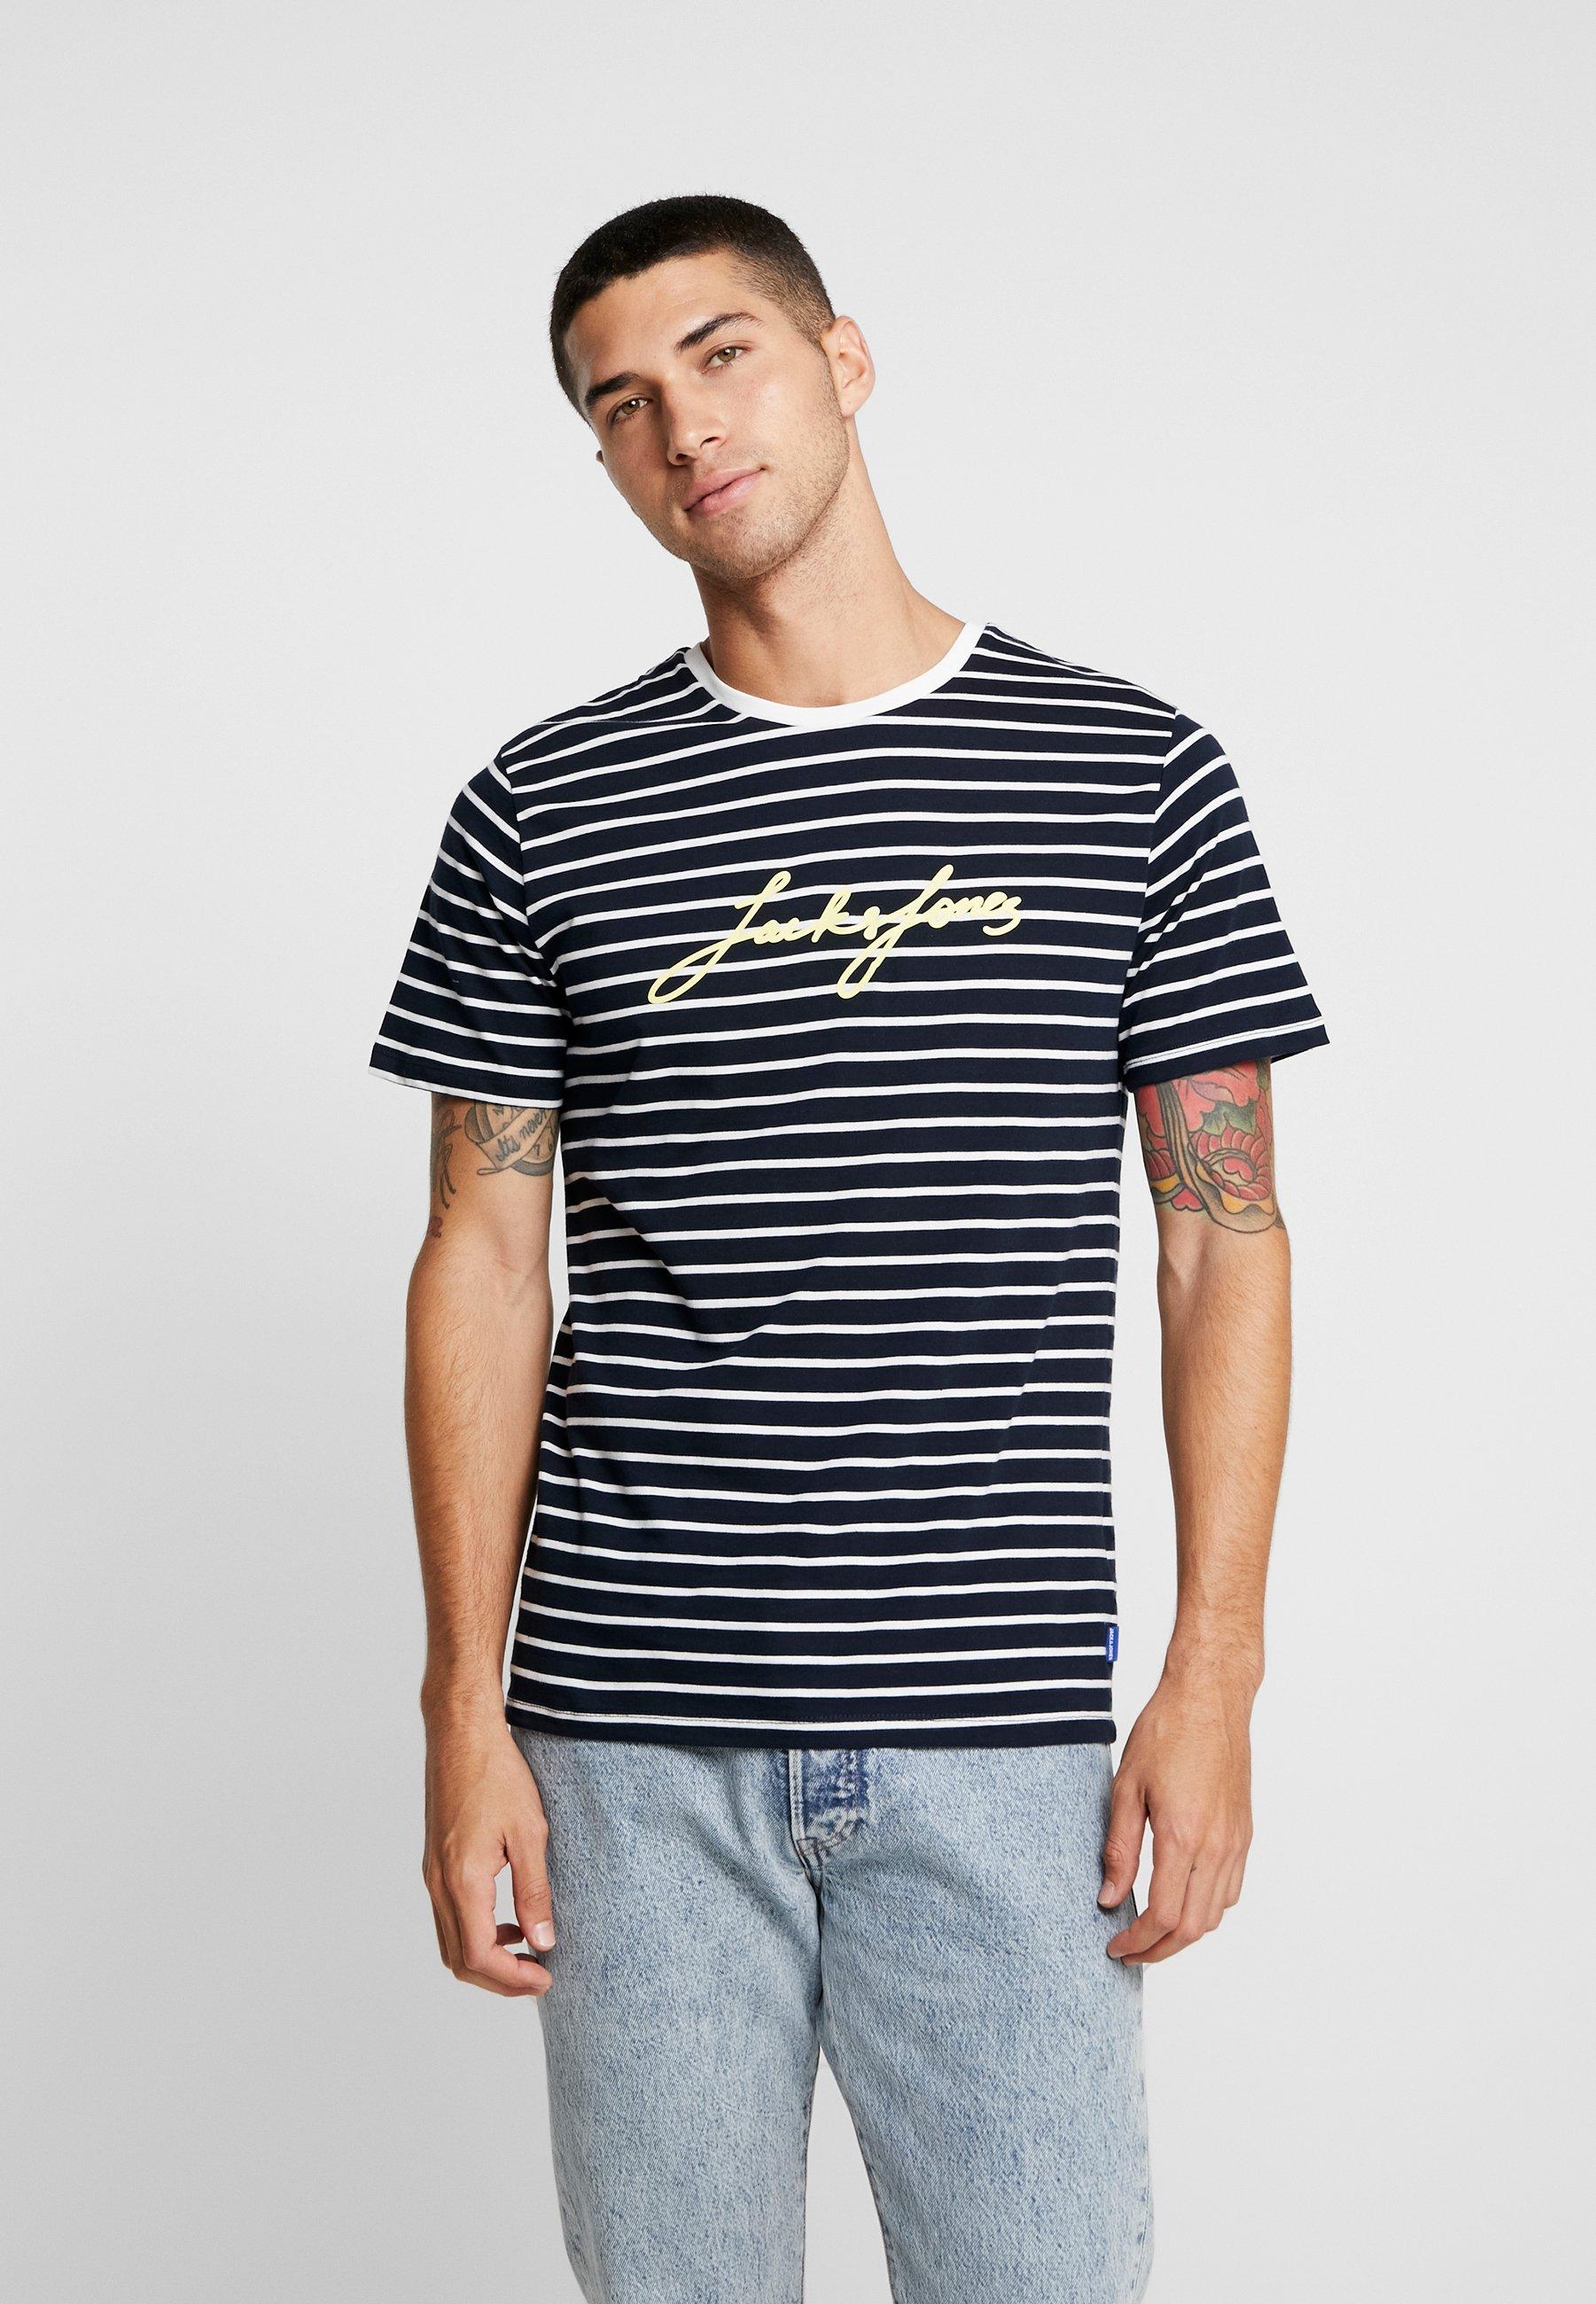 NeckT Tee Jackamp; Eclipse Con Stampa Total Jones Jorcharlie Crew shirt Jc3lFKT1